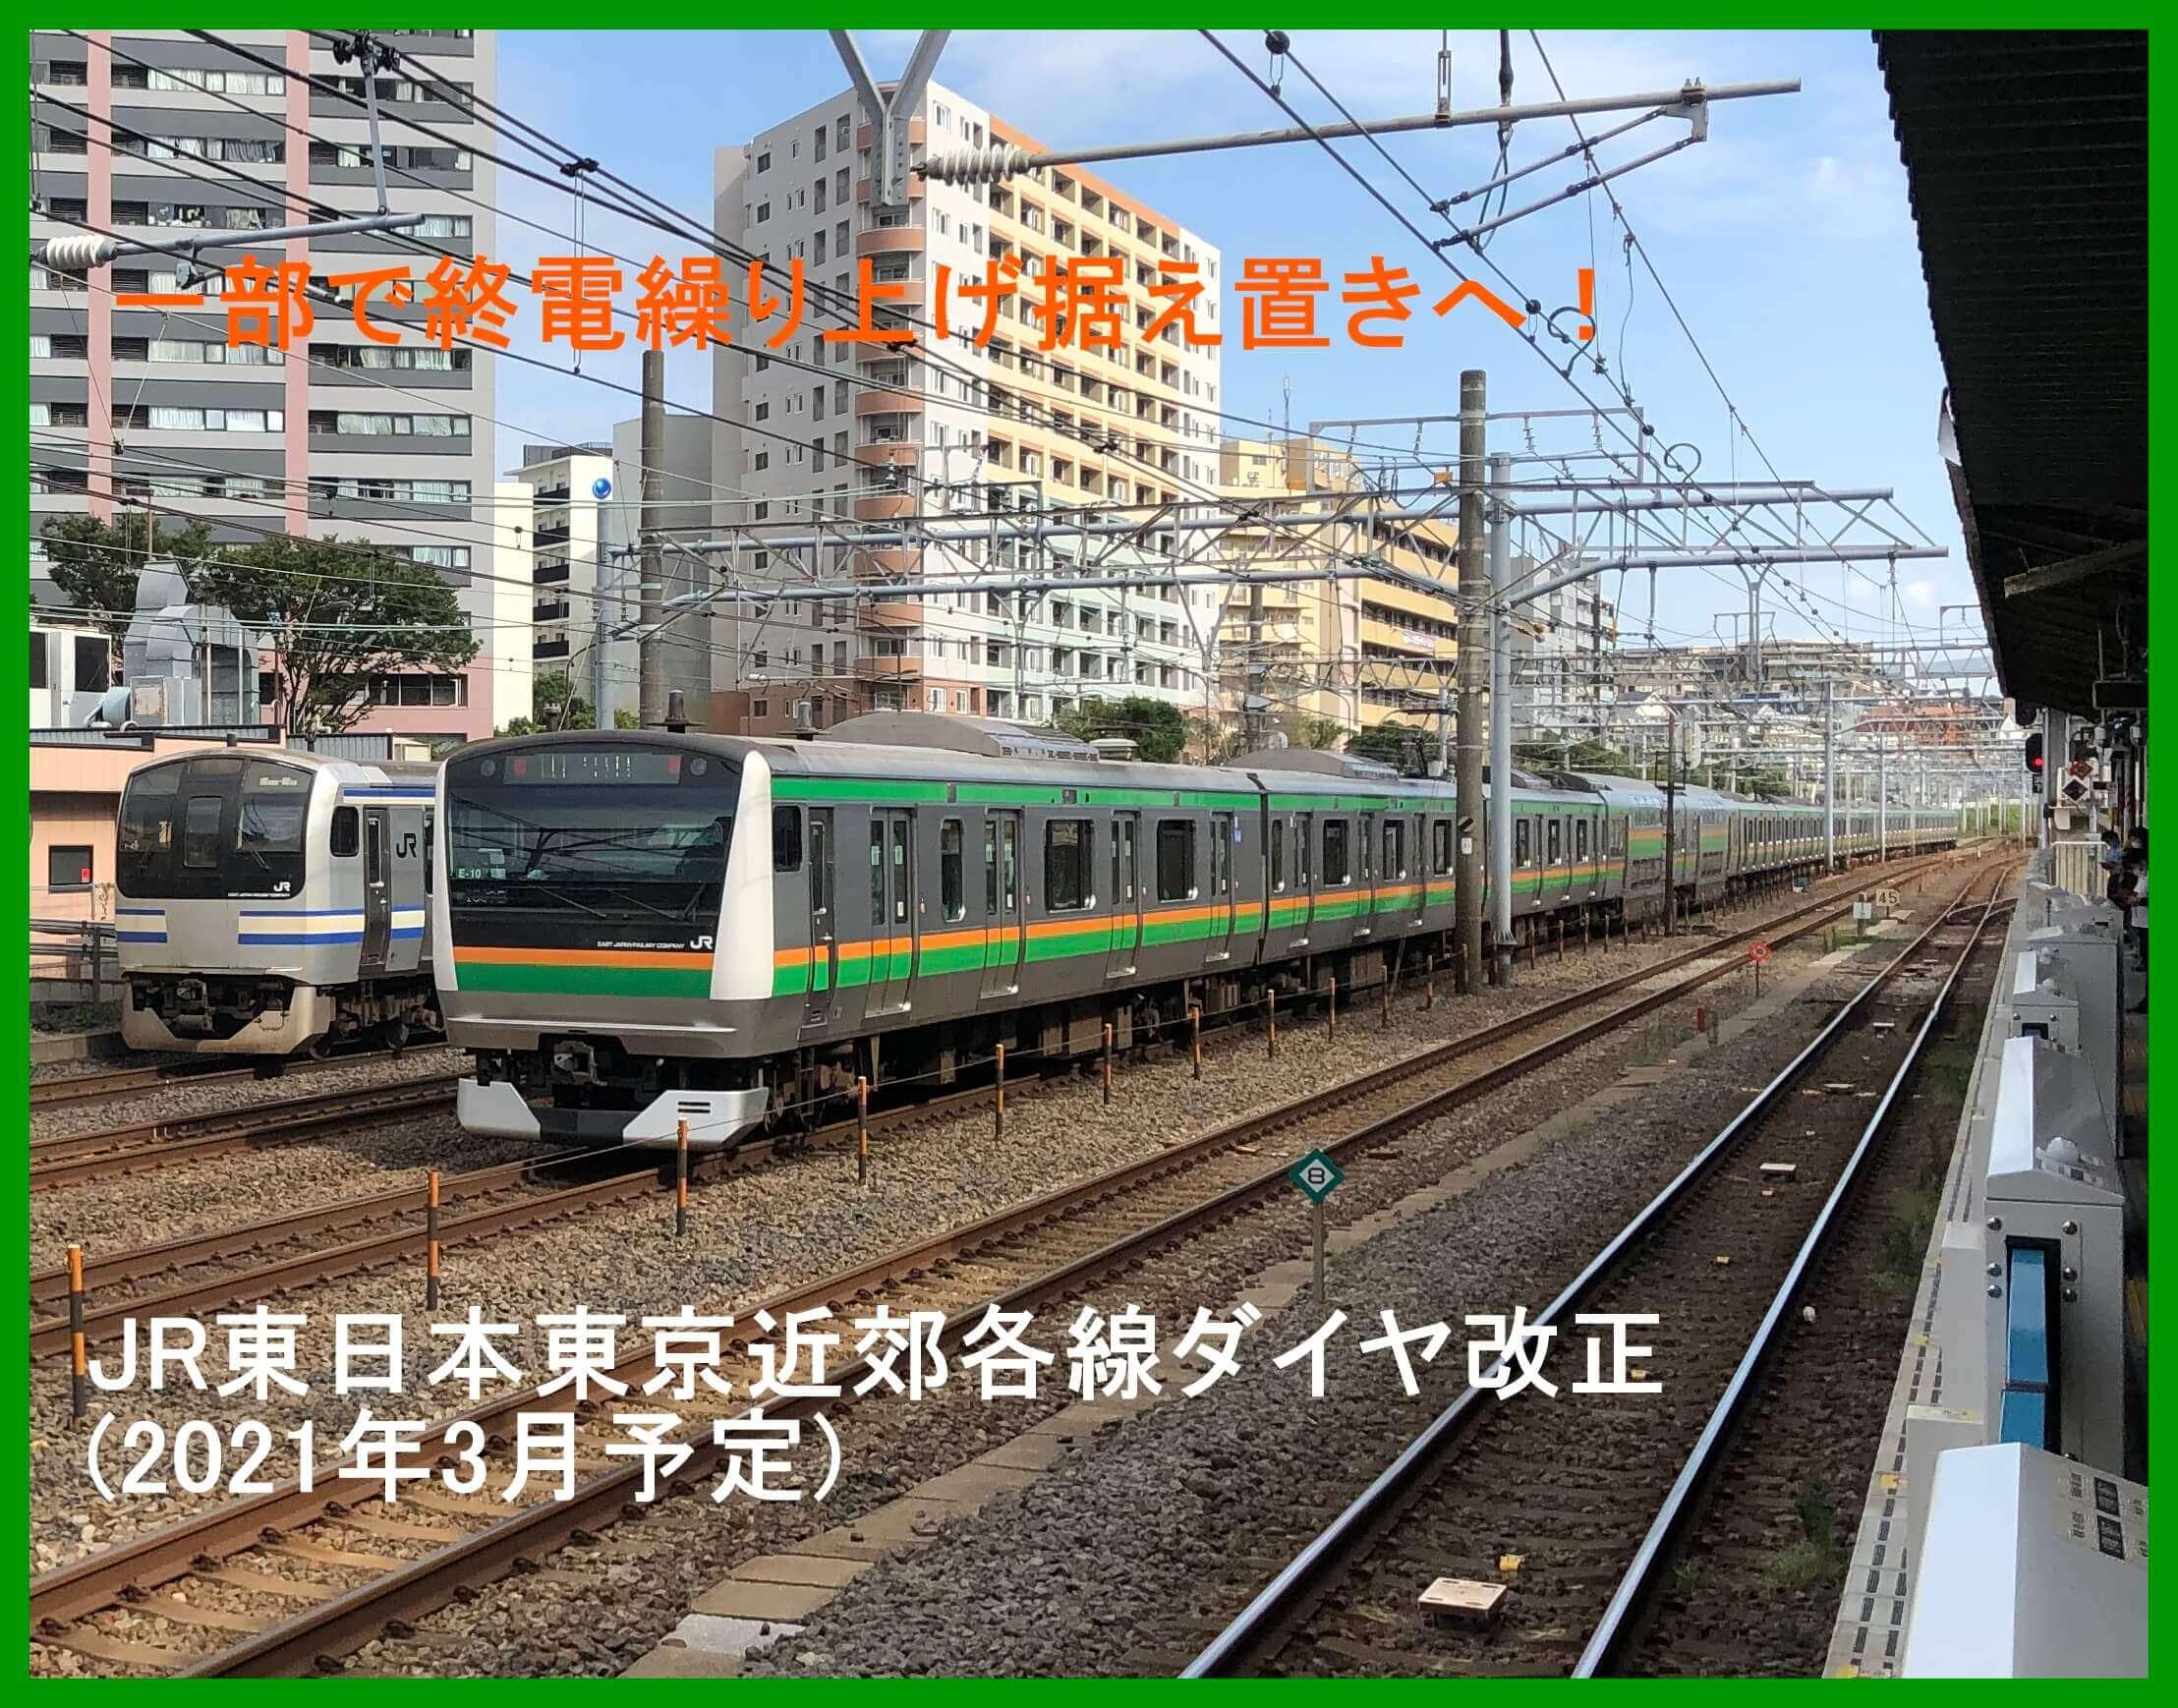 一部で終電繰り上げ据え置きへ! JR東日本東京近郊各線ダイヤ改正(2021年3月予定)